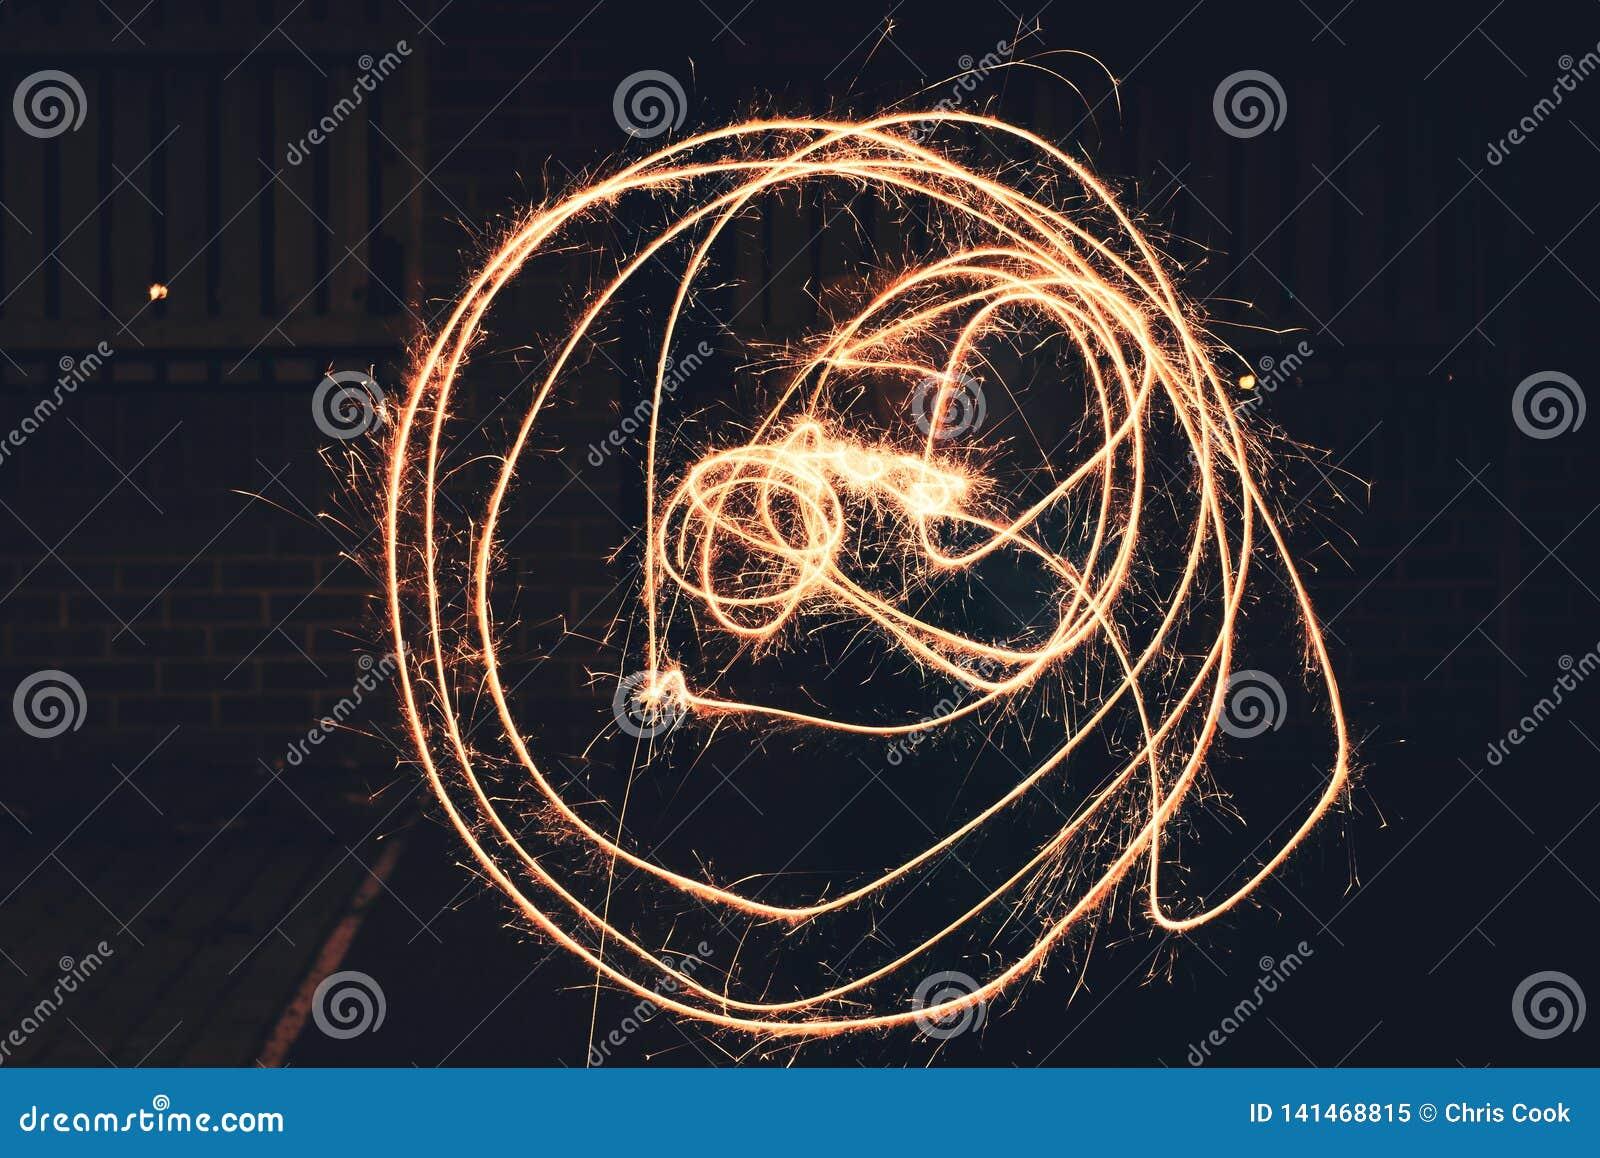 Круги придаватьые заостренную форму используя бенгальский огонь